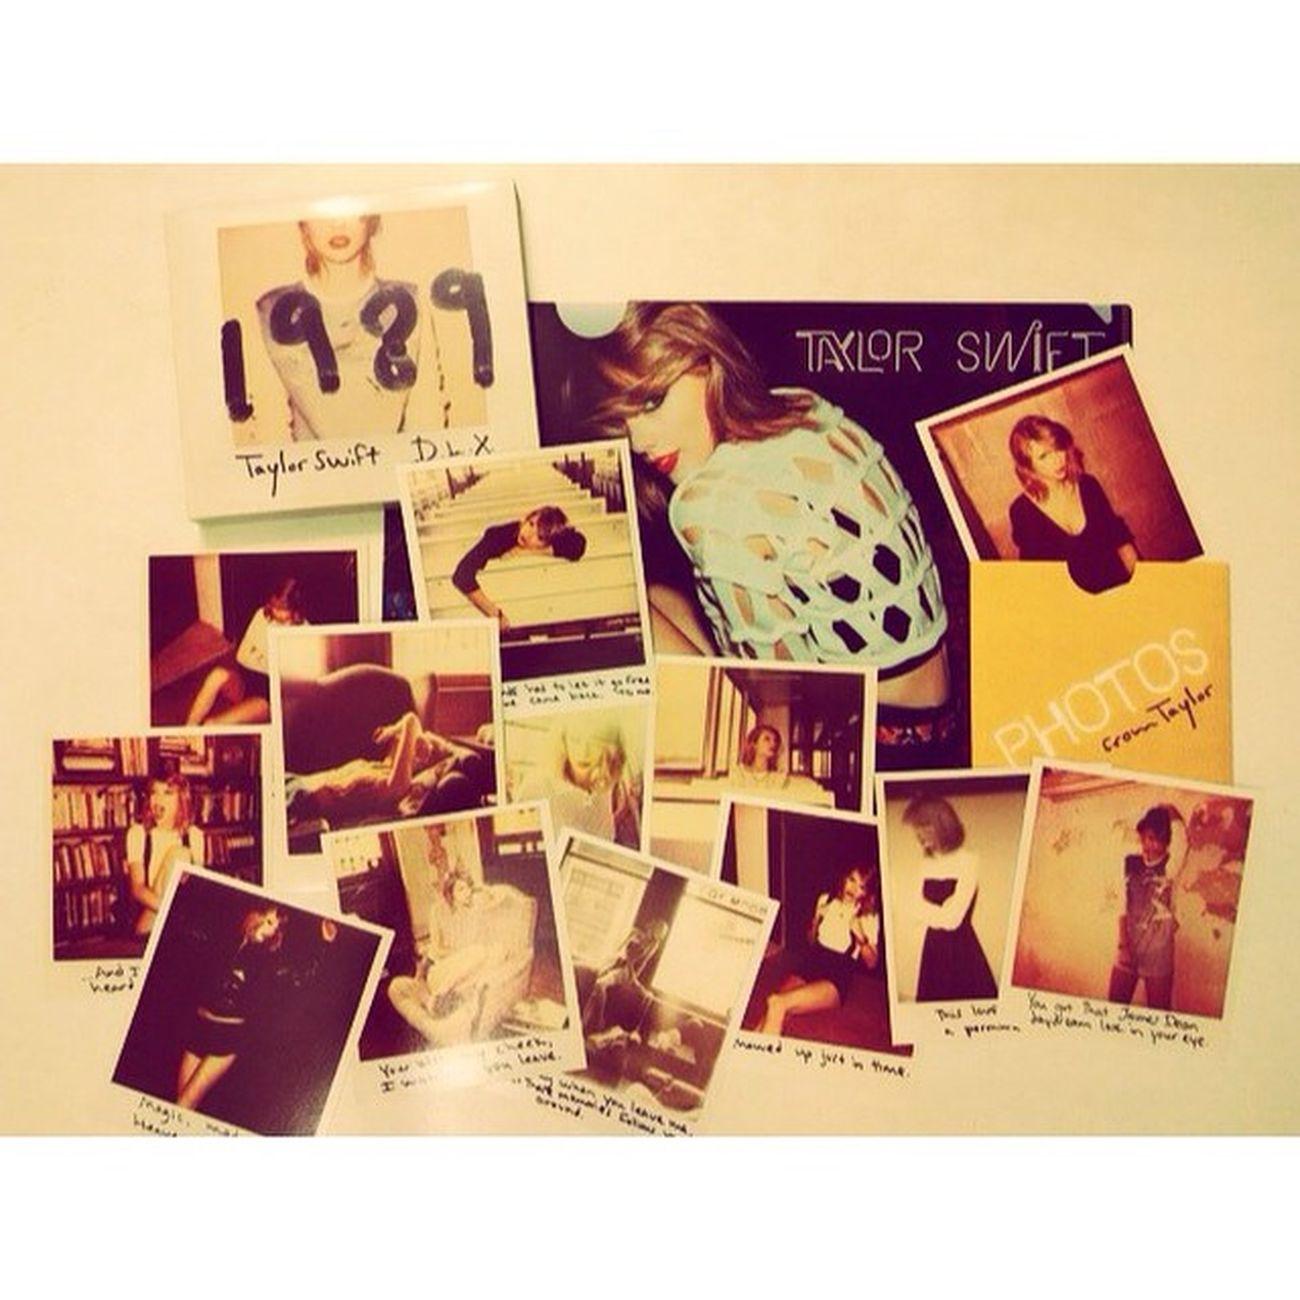 3 Nov 2014 1989 Taylorswift Swiftieshk @taylorswift